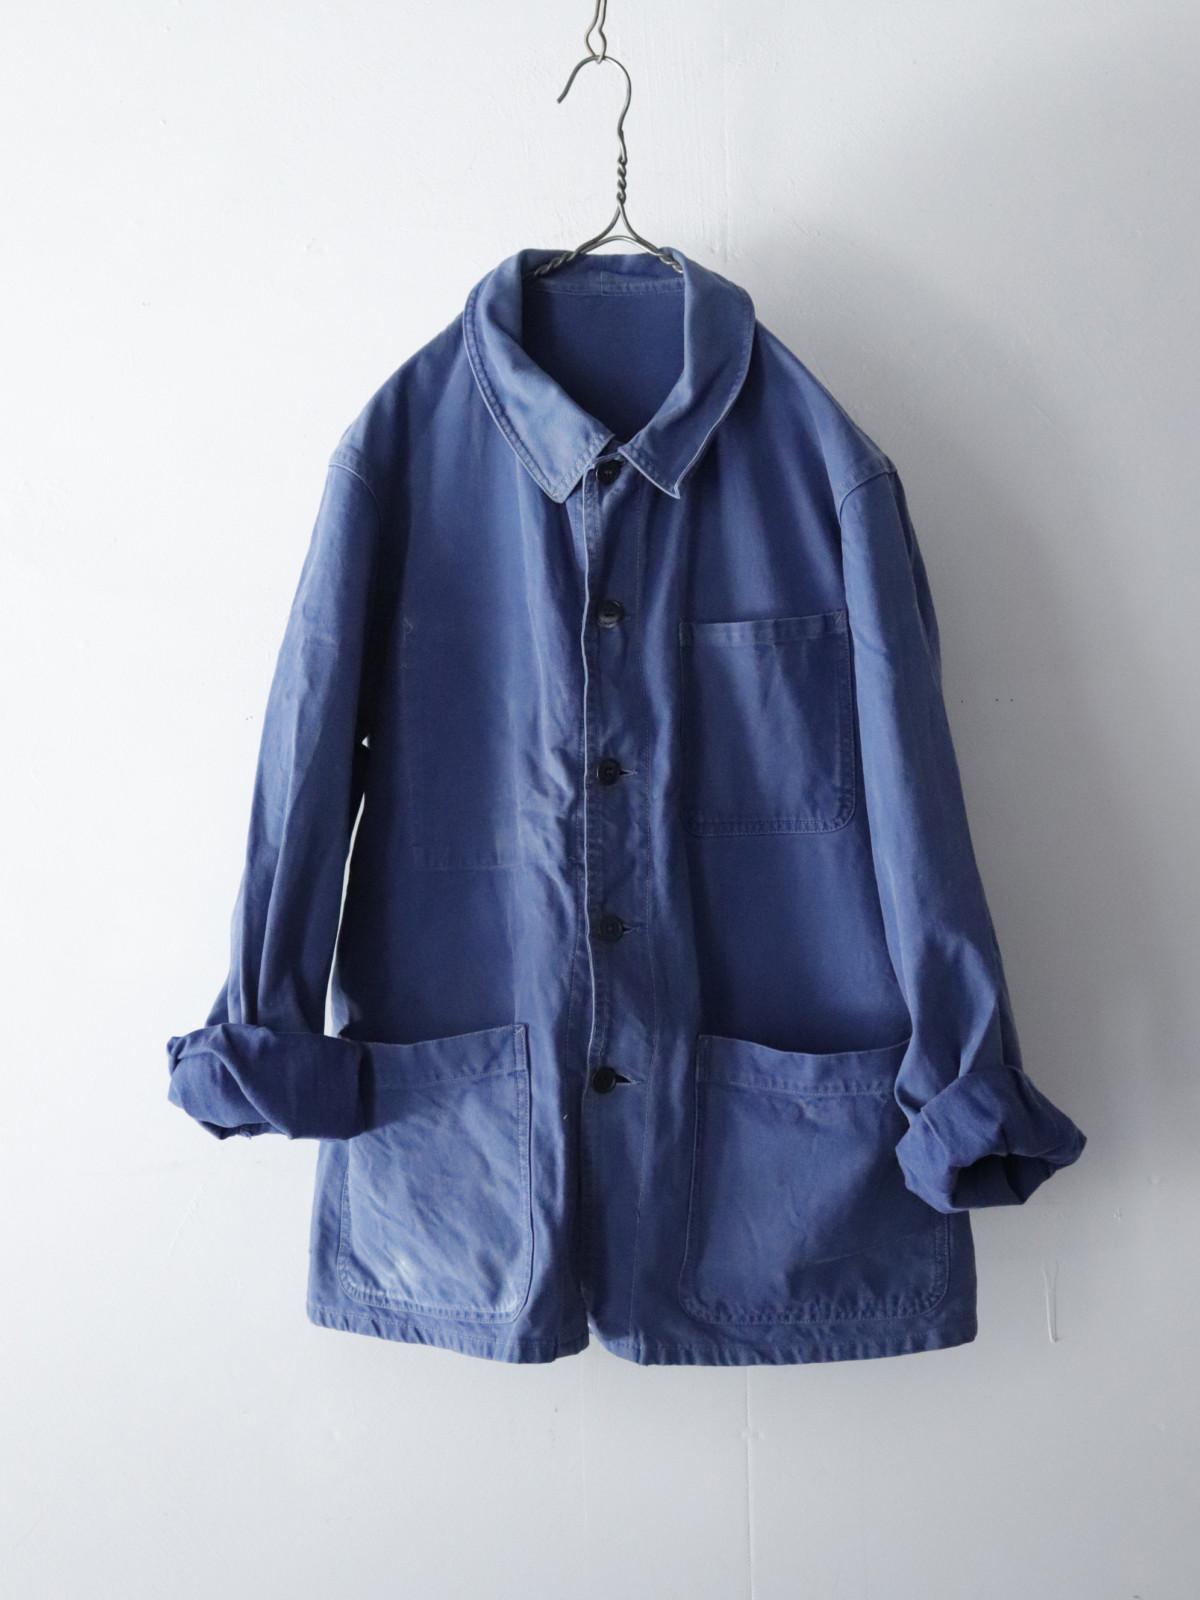 work jacket, France, Vintage